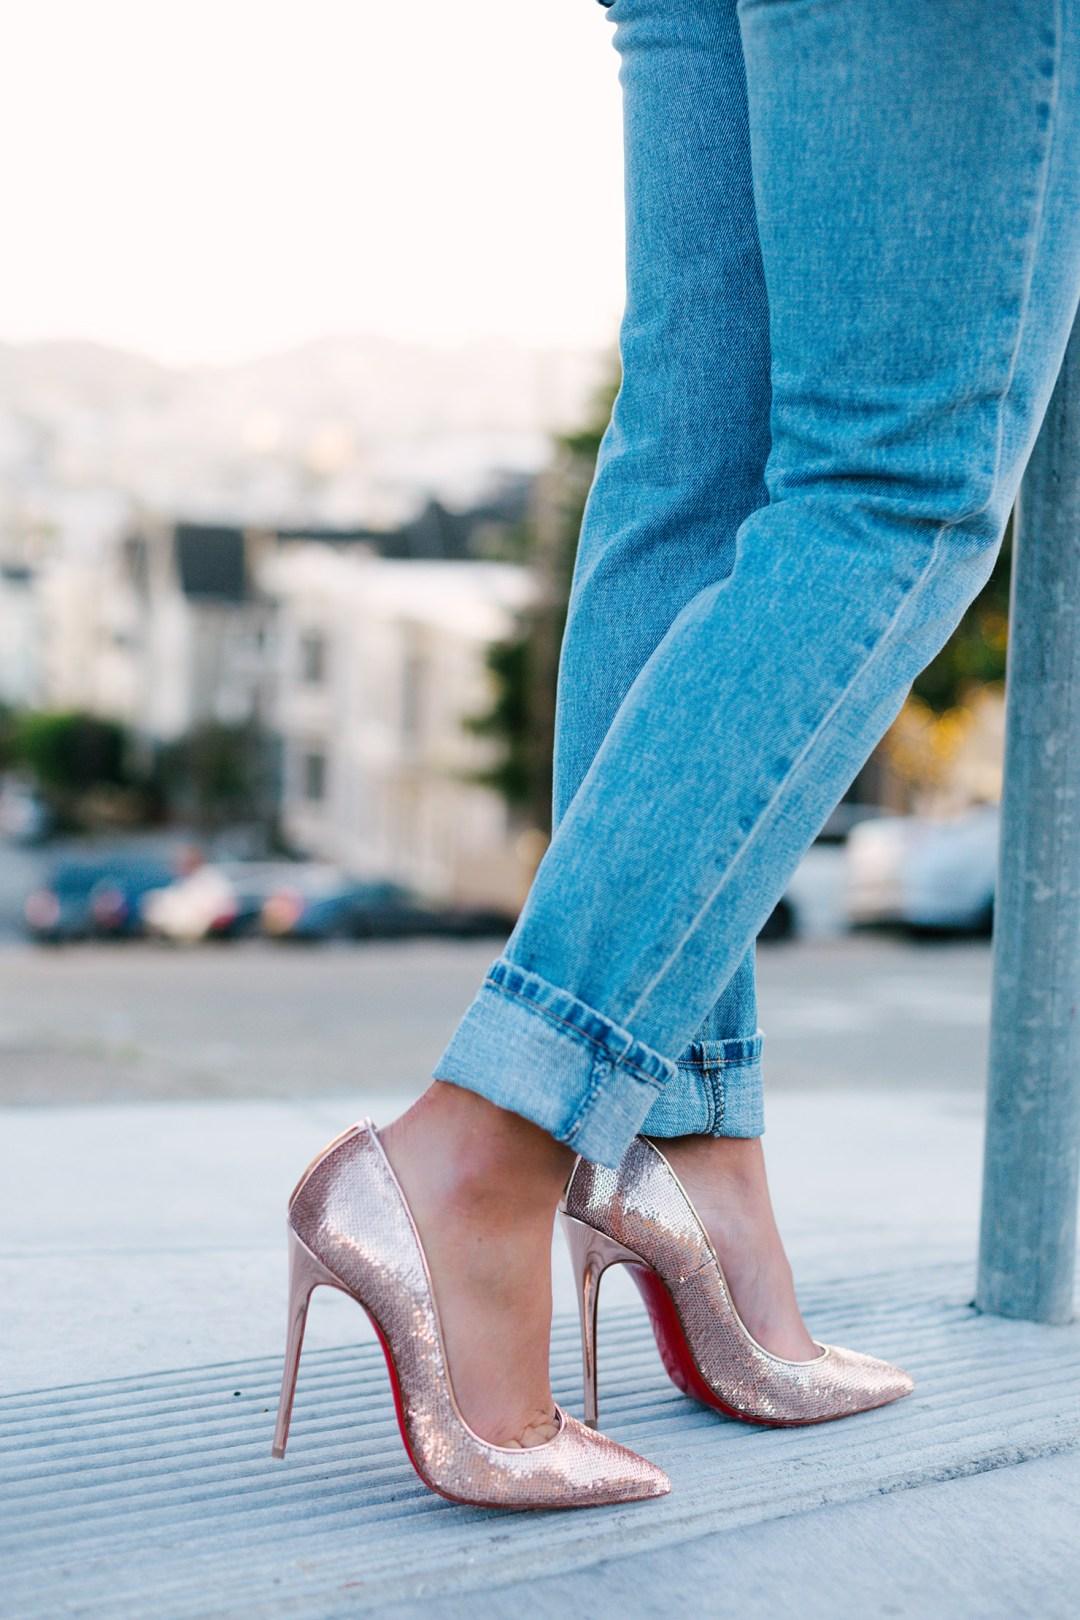 Lifestyle blogger Kelsey Kaplan Fashion wearing Christian Louboutin So Kate pump